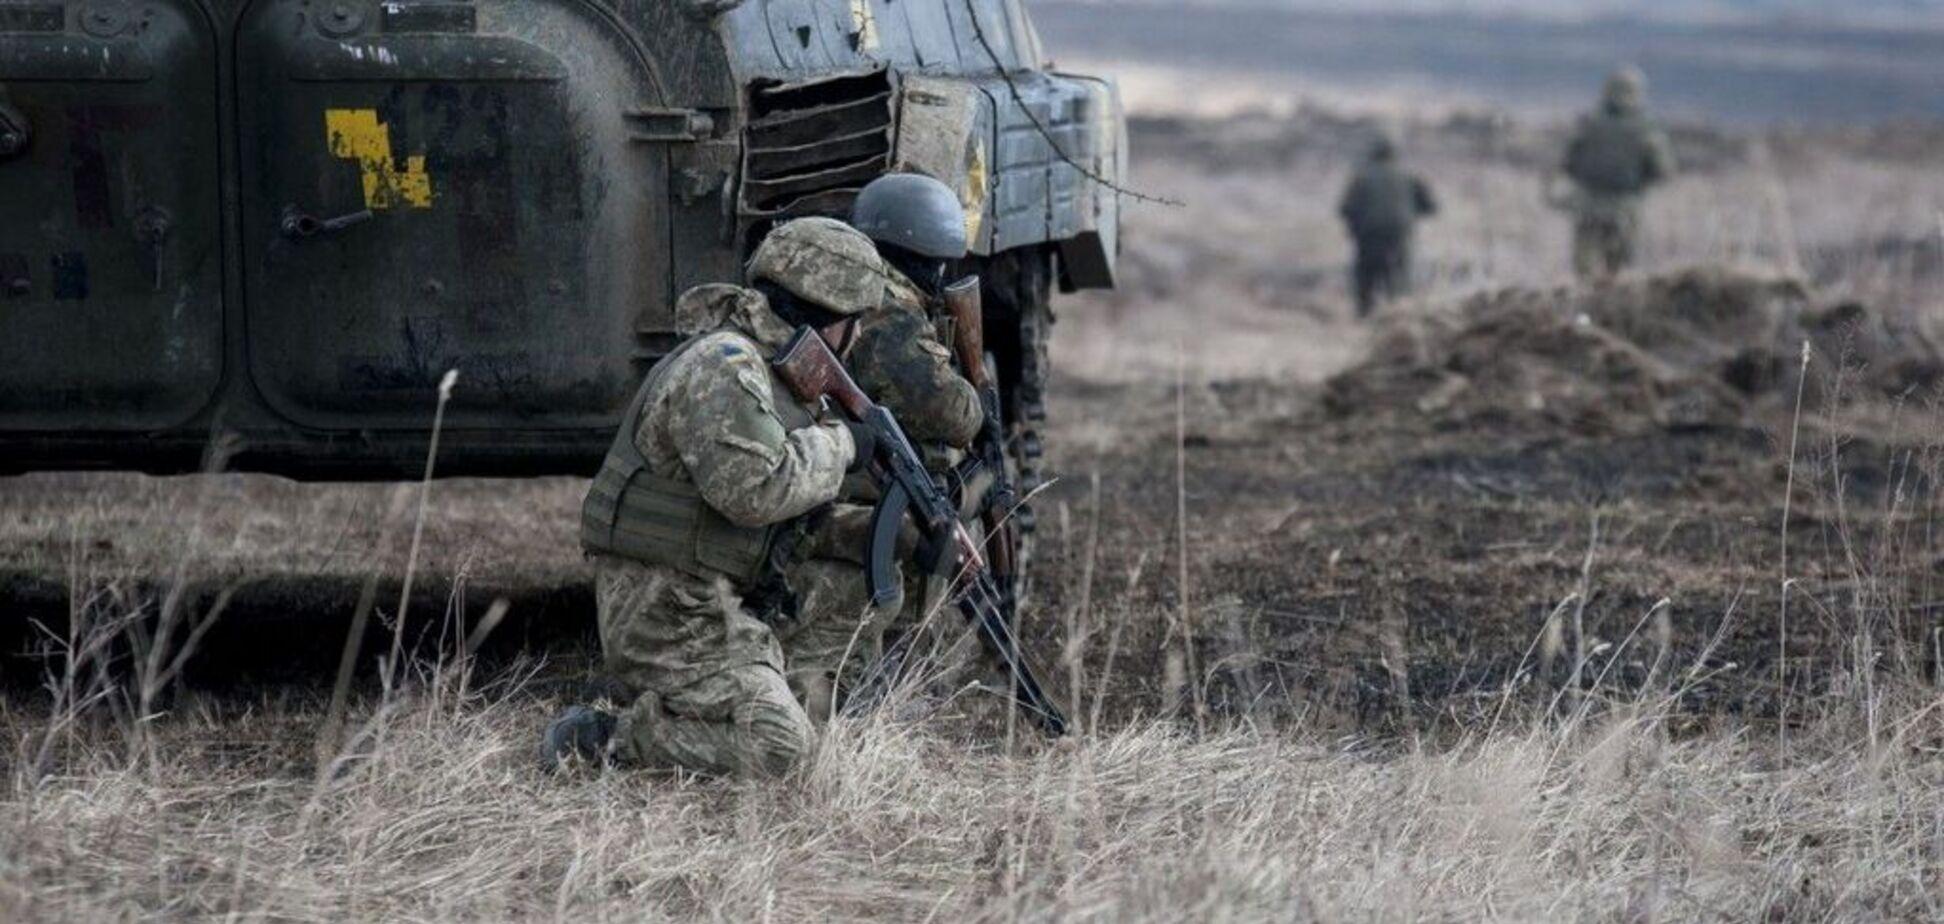 Ответственность за войну. По какому закону будет обвинен Кремль